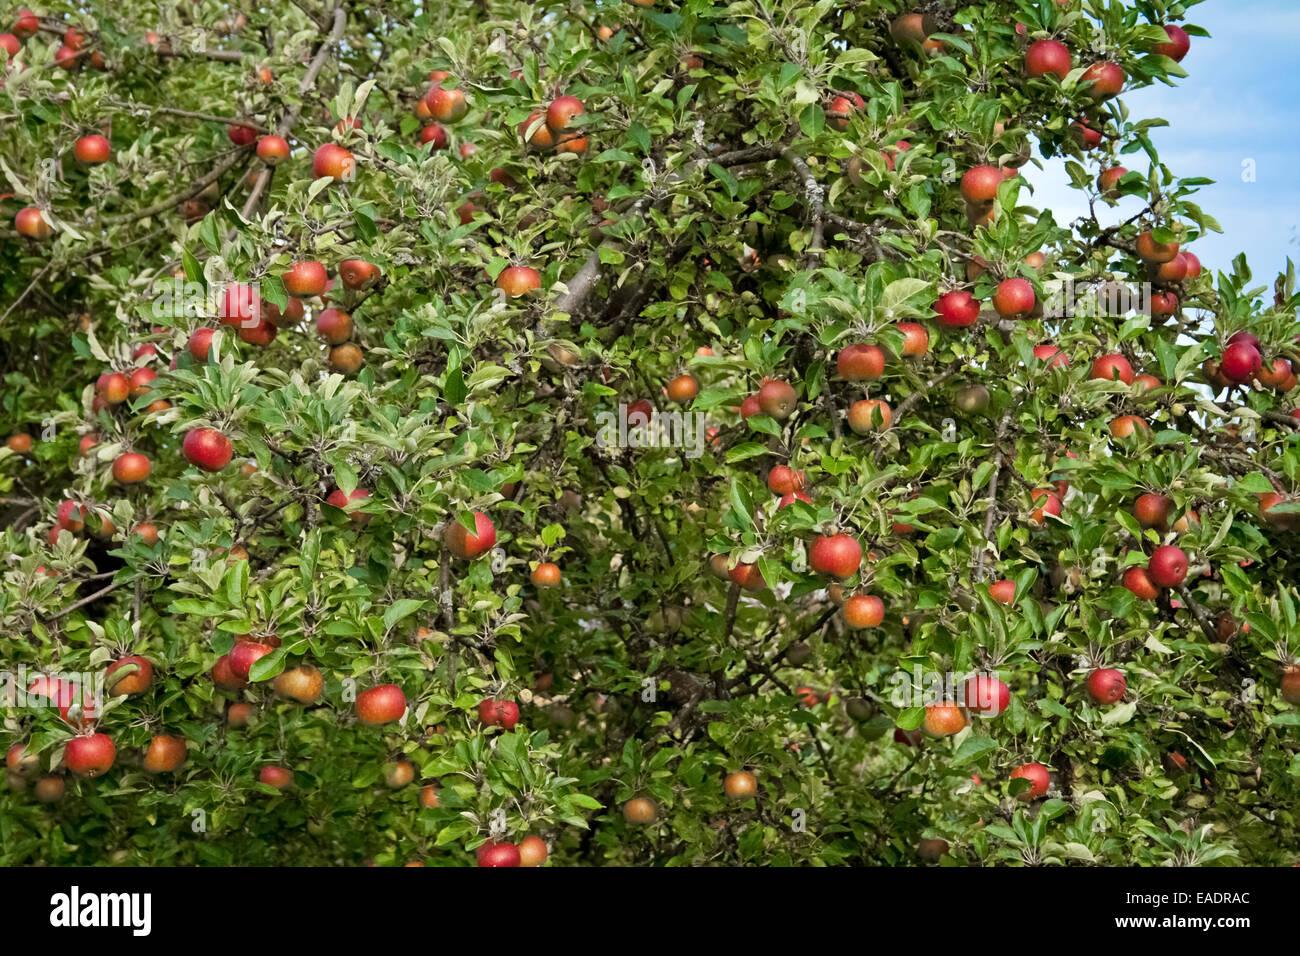 Albero di mele con frutti mellow Immagini Stock